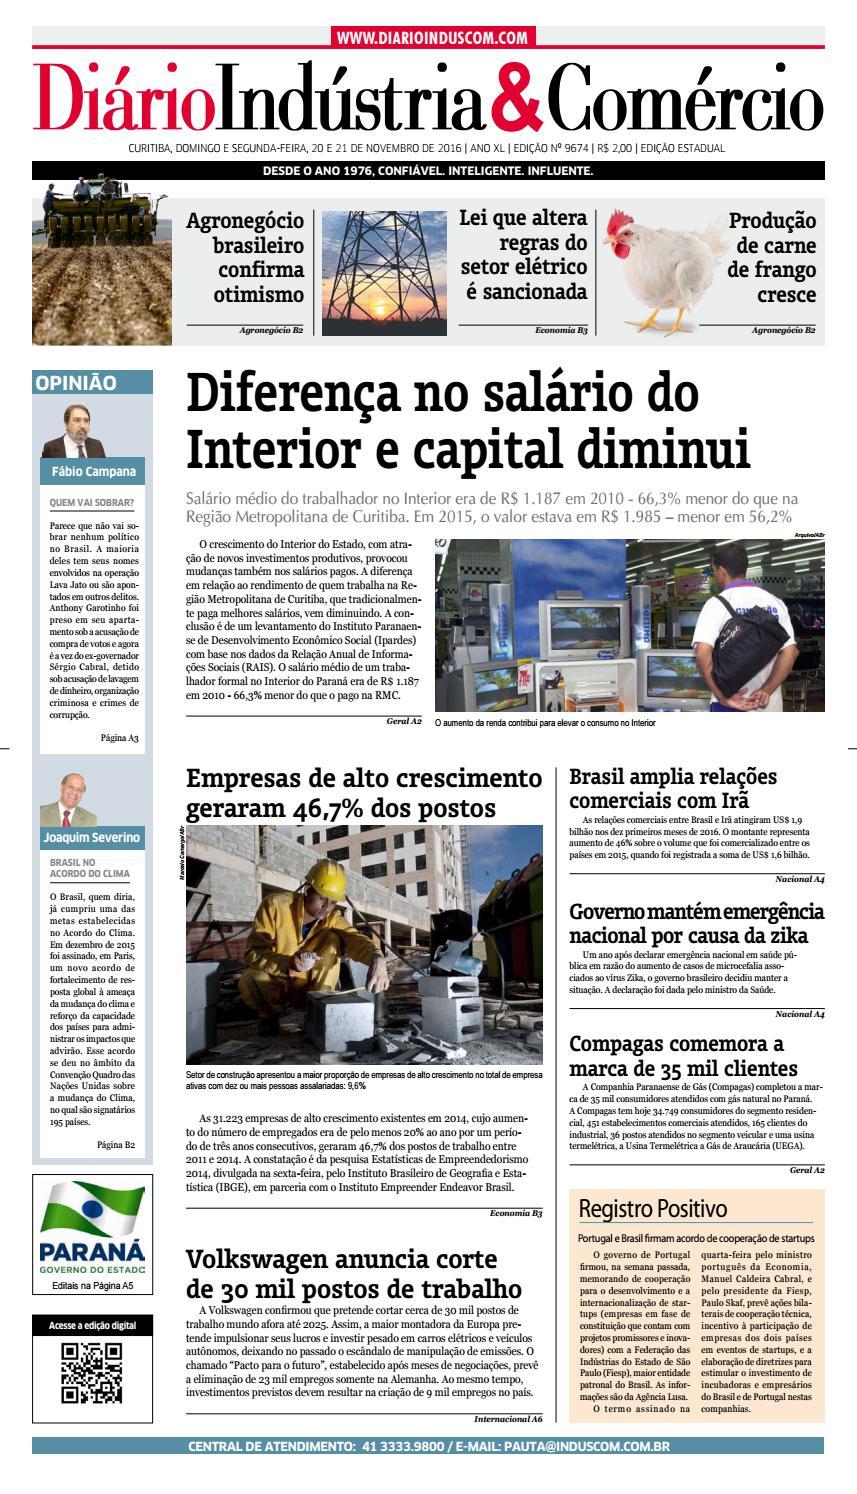 Diário Indústria Comércio - 19 de novembro de 2016 by Diário Indústria    Comércio - issuu 9e609e834d